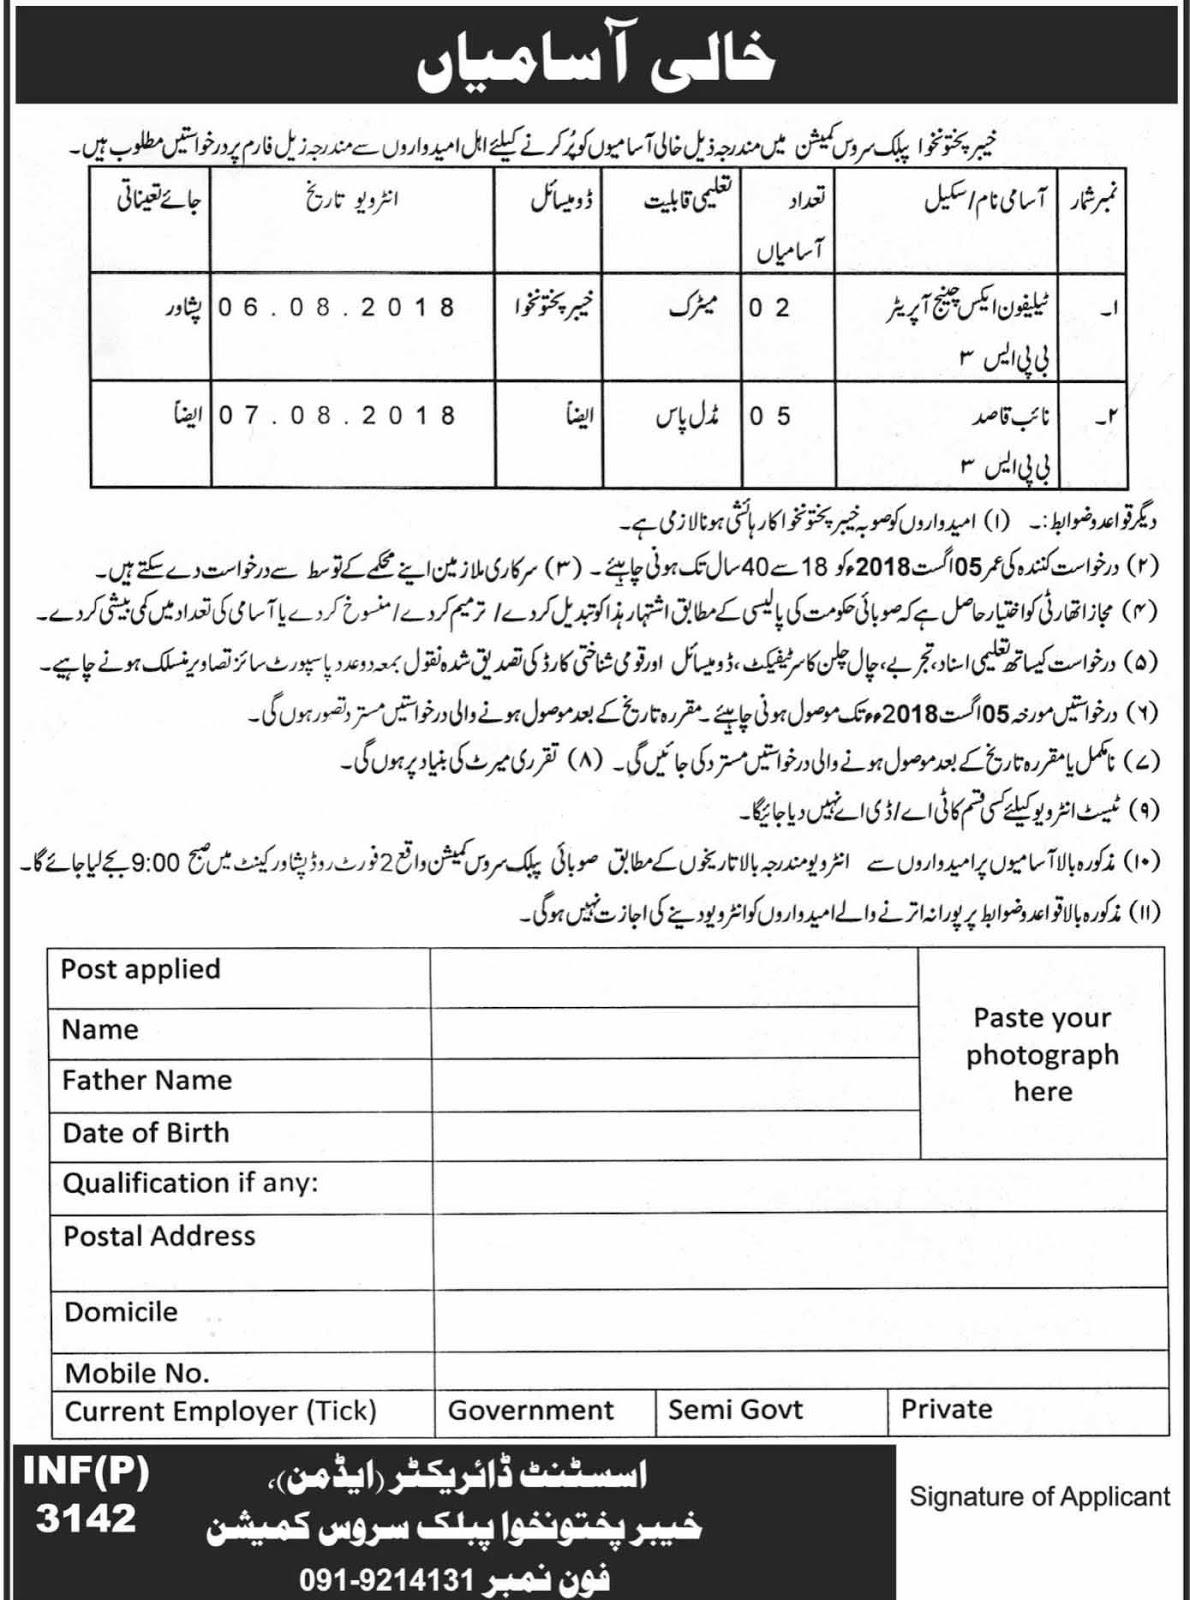 KPPSC Jobs July 2018 for Telephone Operator and Naib Qasid